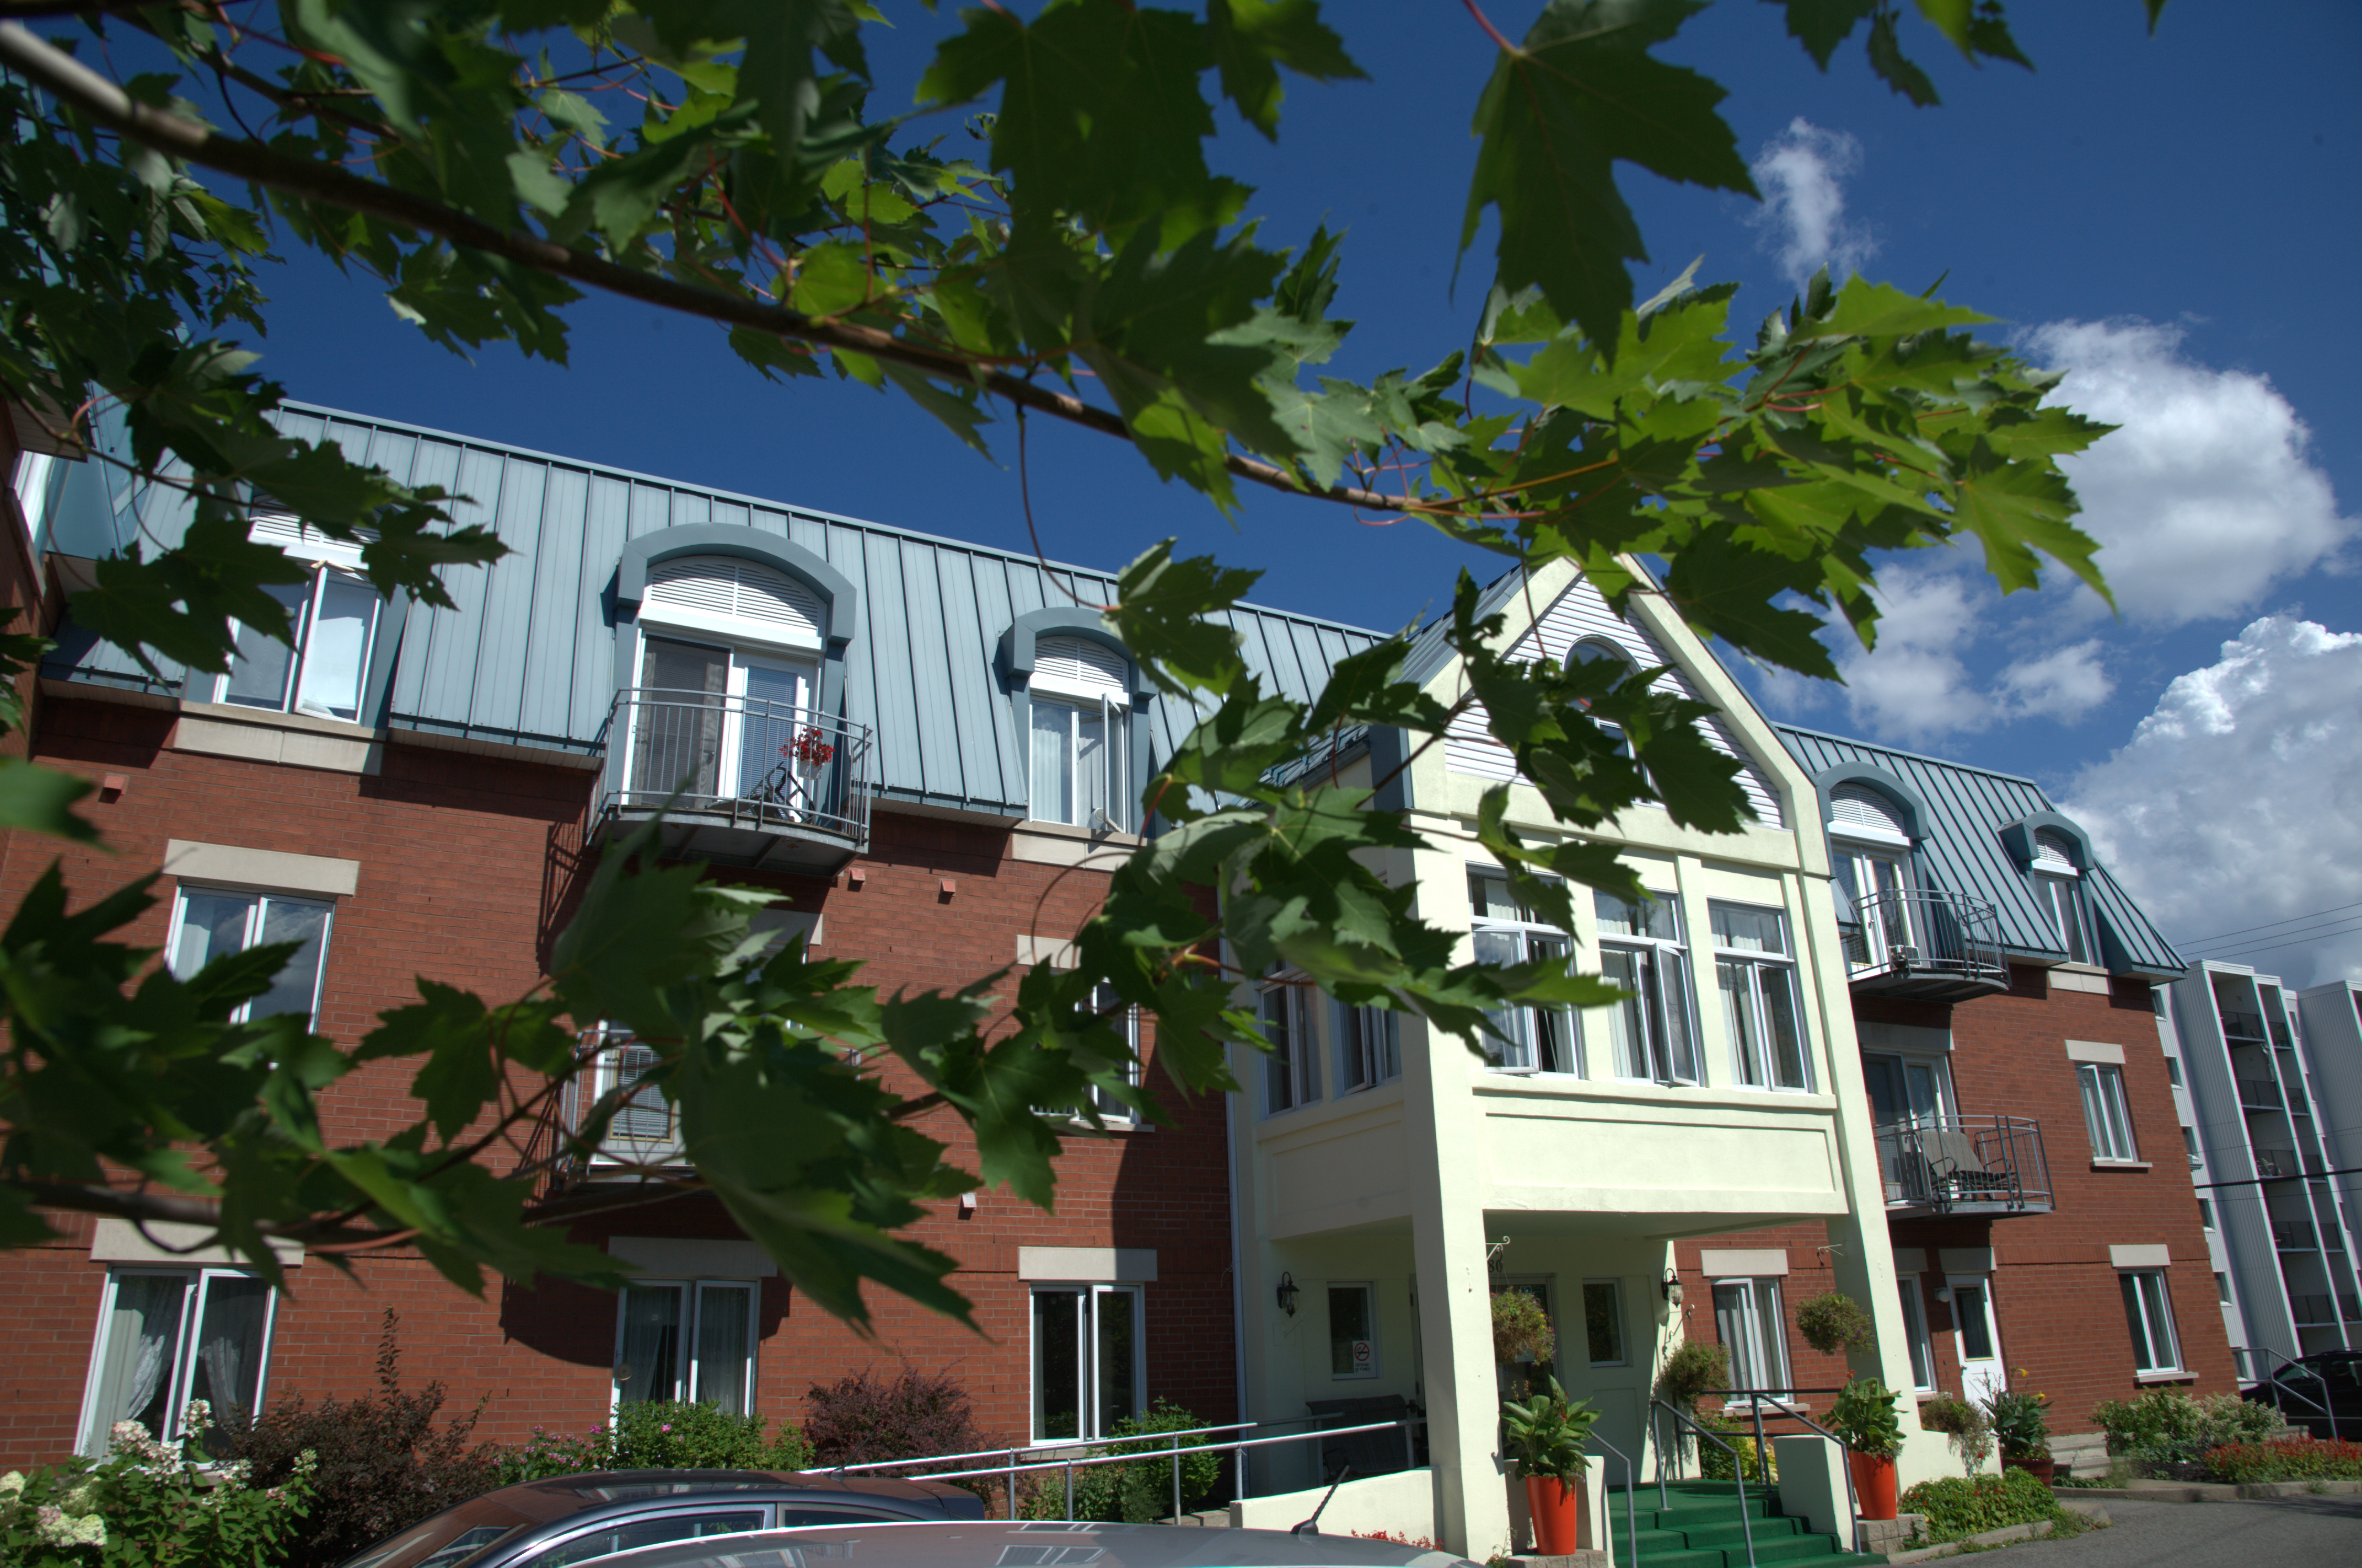 Gestion de résidence par le logiciel SOFI au Havre du Trait-Carré